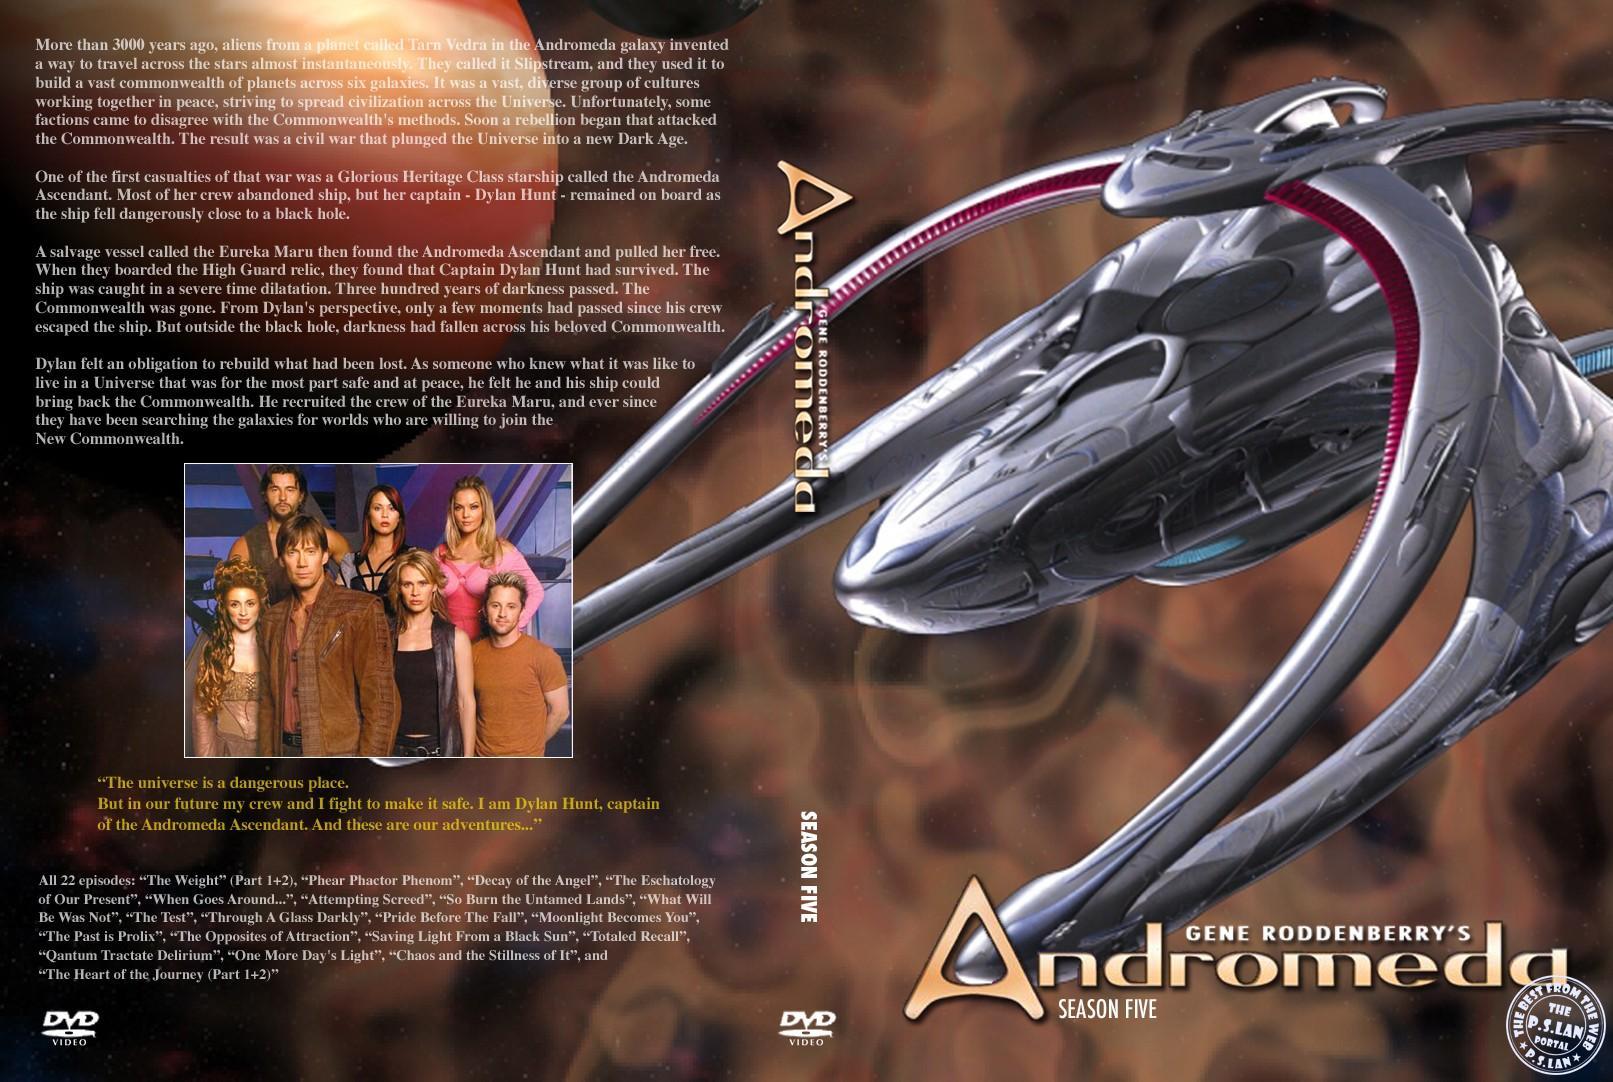 """обложка пятого сезона """"Андромеды"""""""